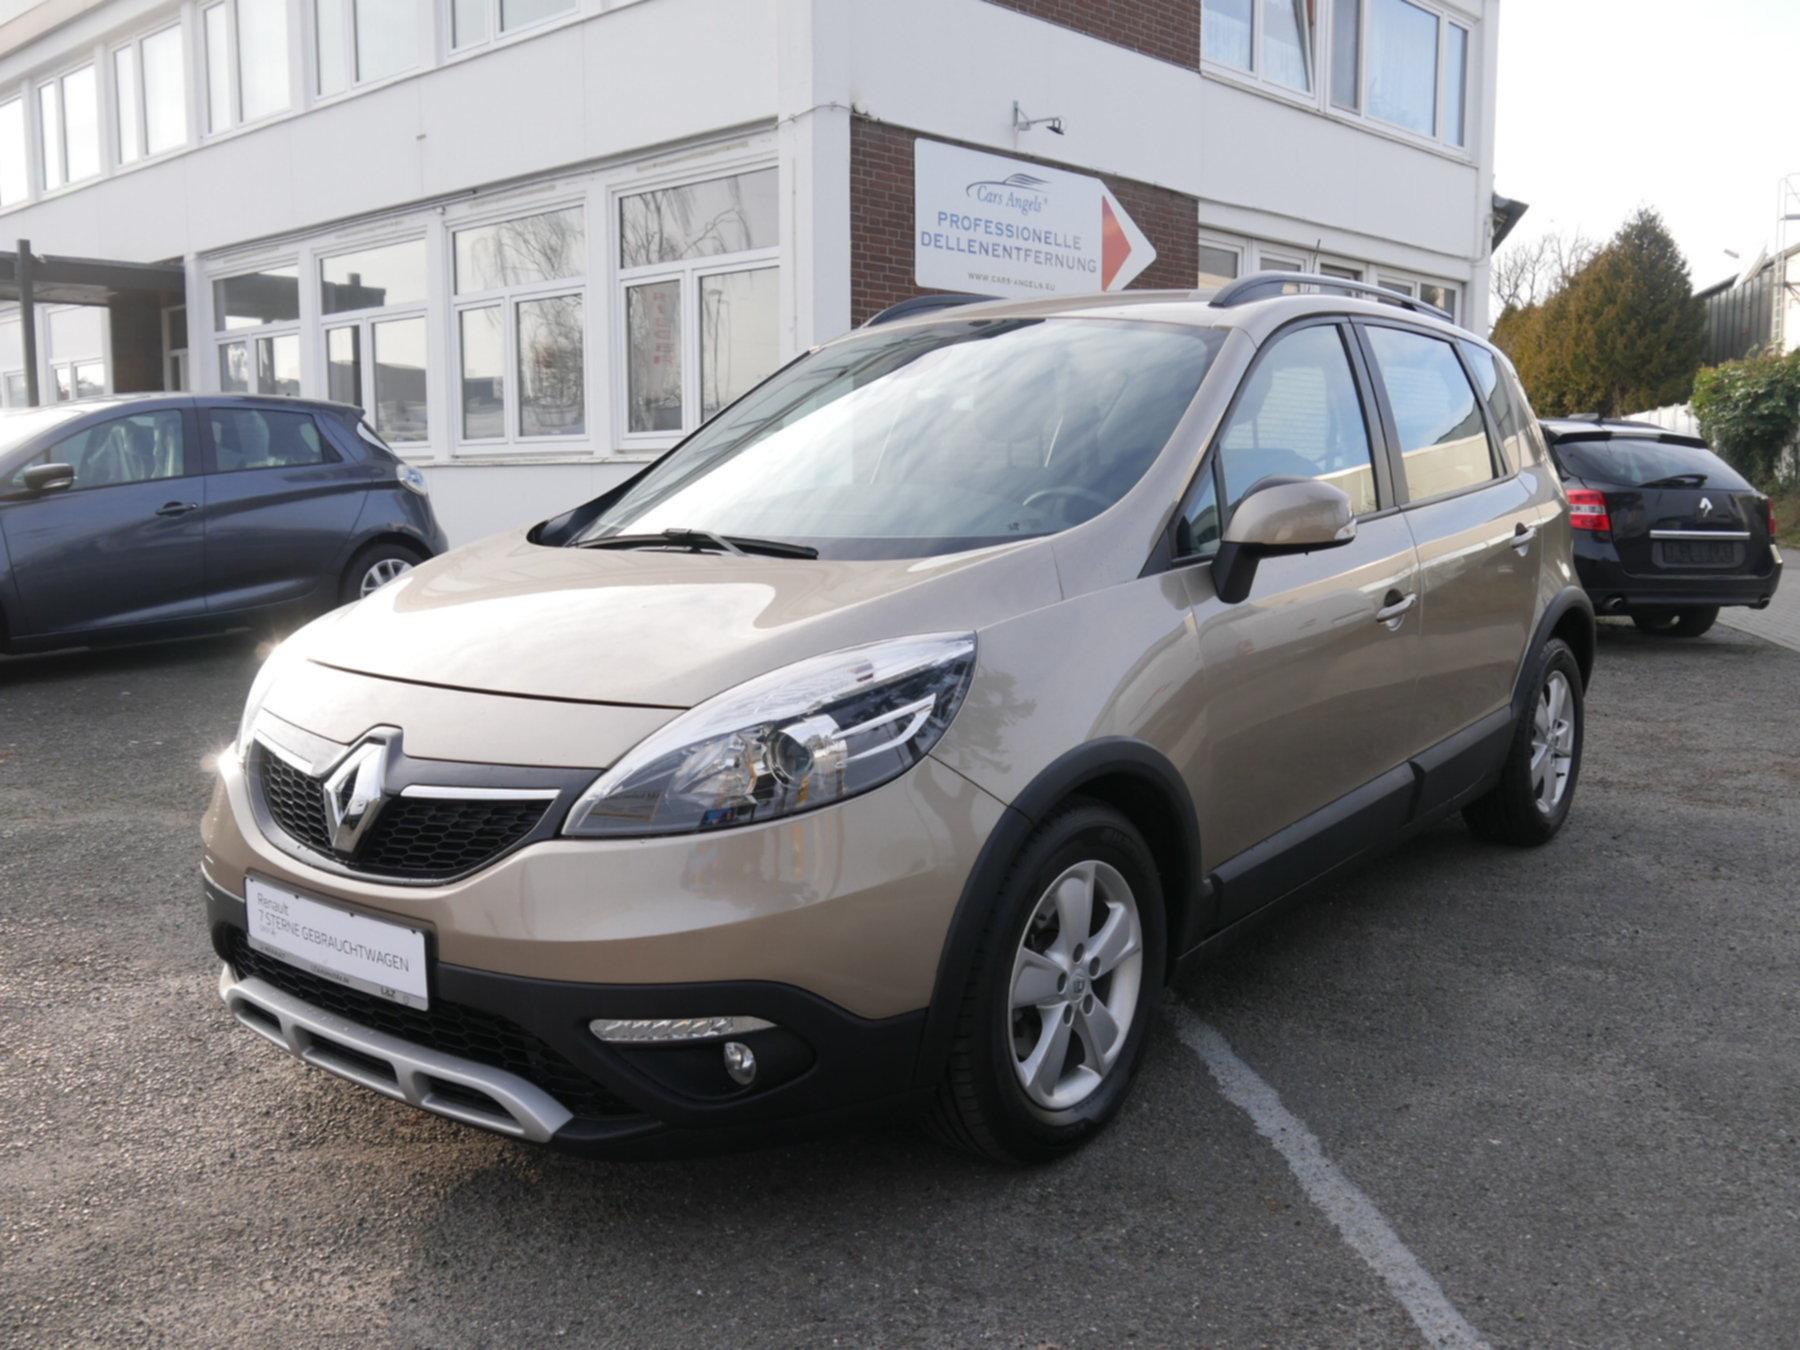 Renault Scenic Paris 1.5 dCi 110 1 Jahr Garantie/TÜV Ne, Jahr 2014, Diesel